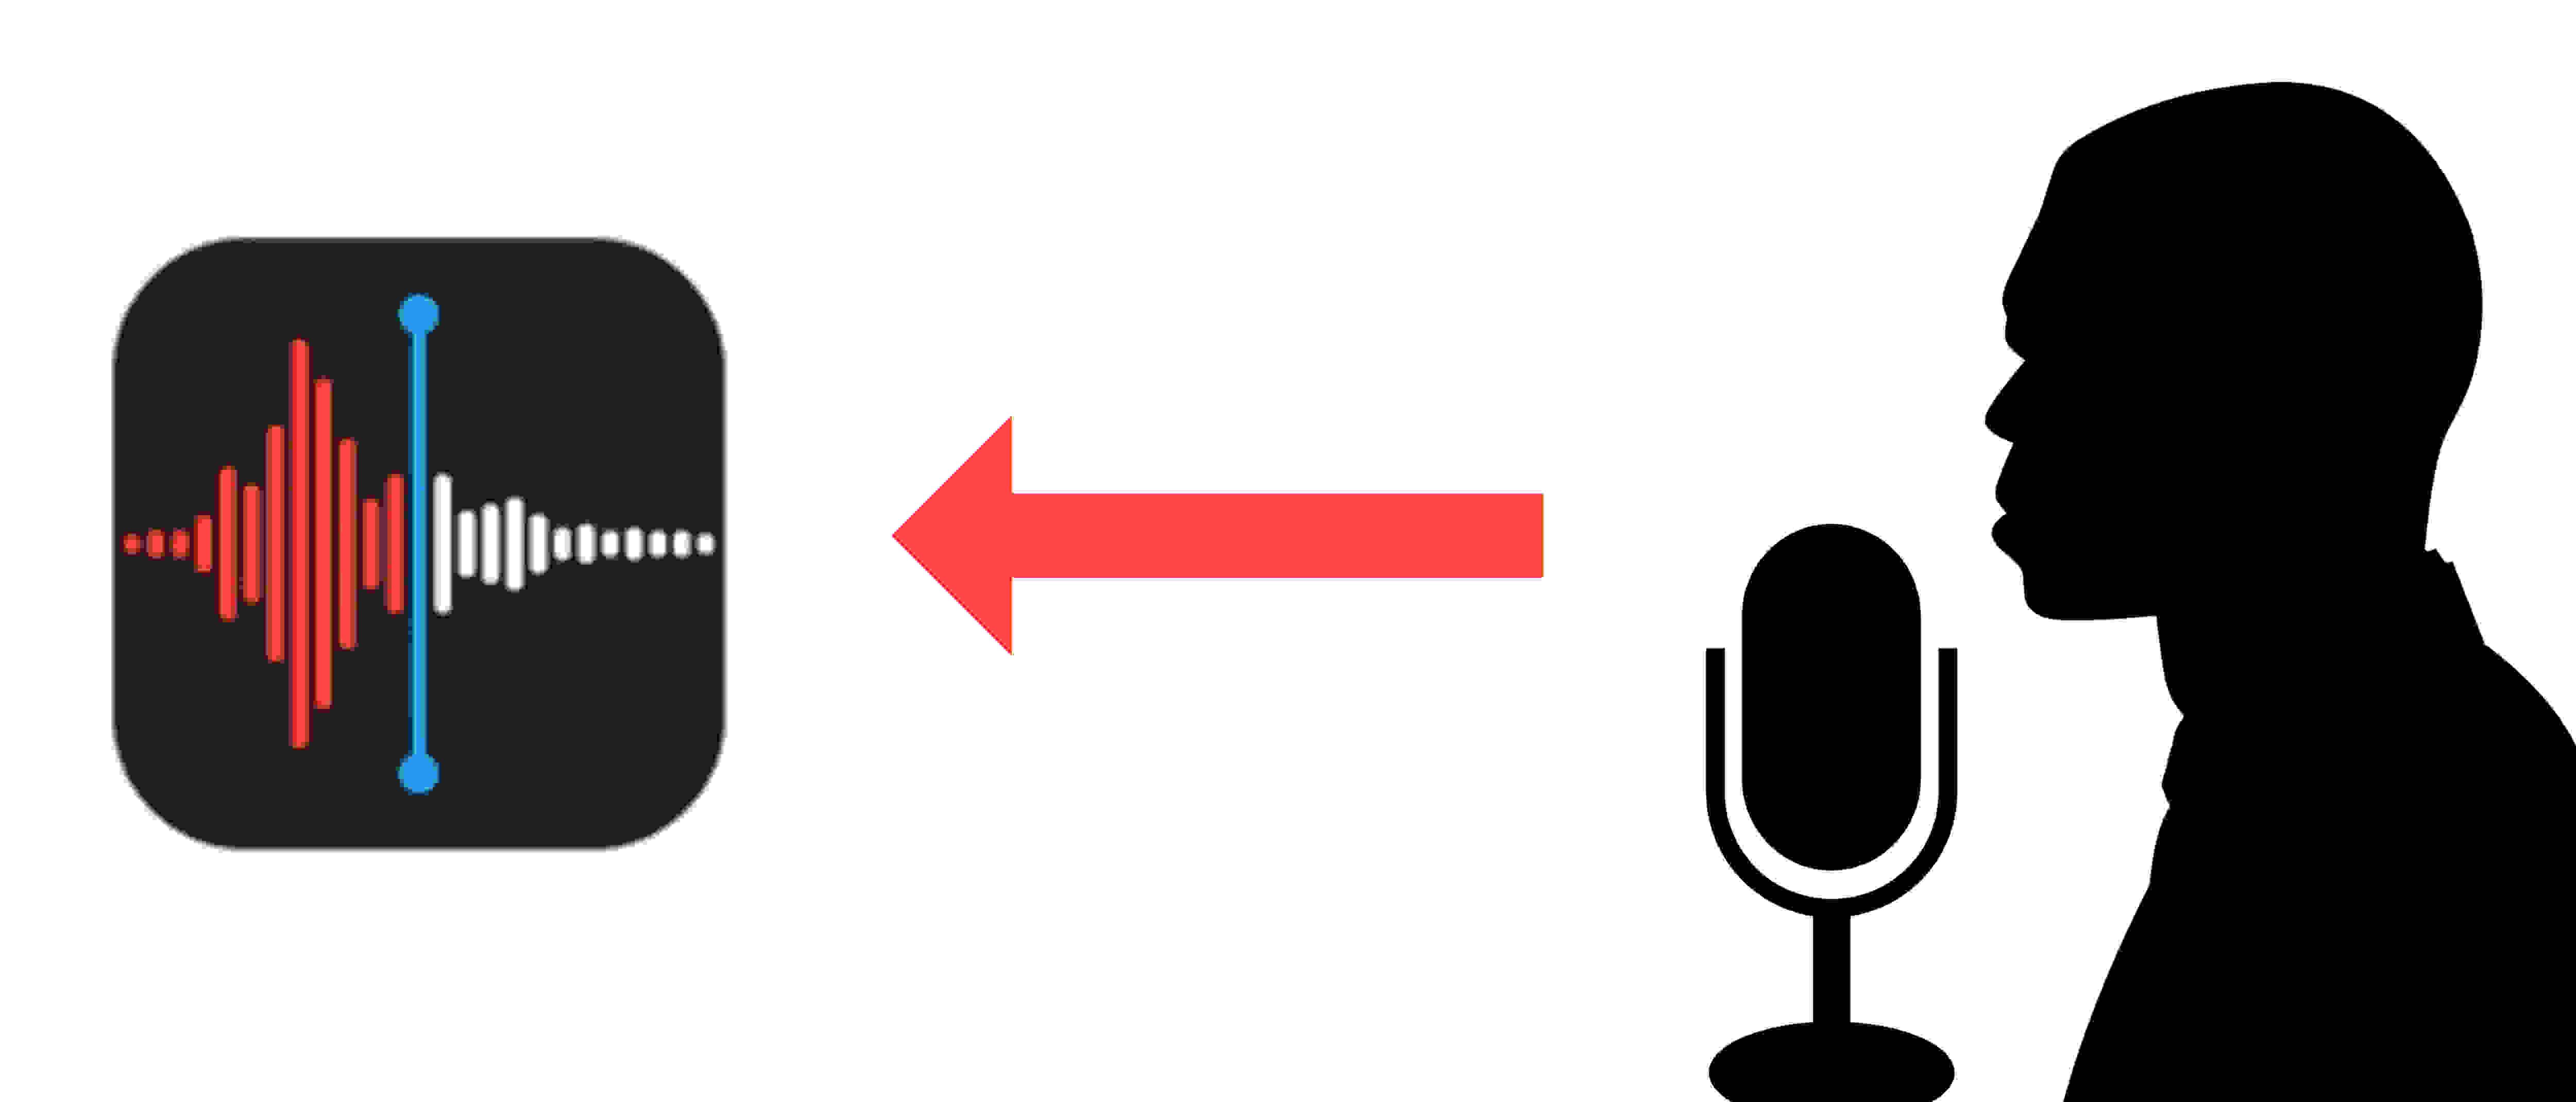 Erfahren Sie Schritt für Schritt, wie Sie eine Sprachmemo, also eine Aufzeichnung Ihrer Stimme am iPhone erstellen. Hierfür benötigen Sie nur Ihr iPhone.